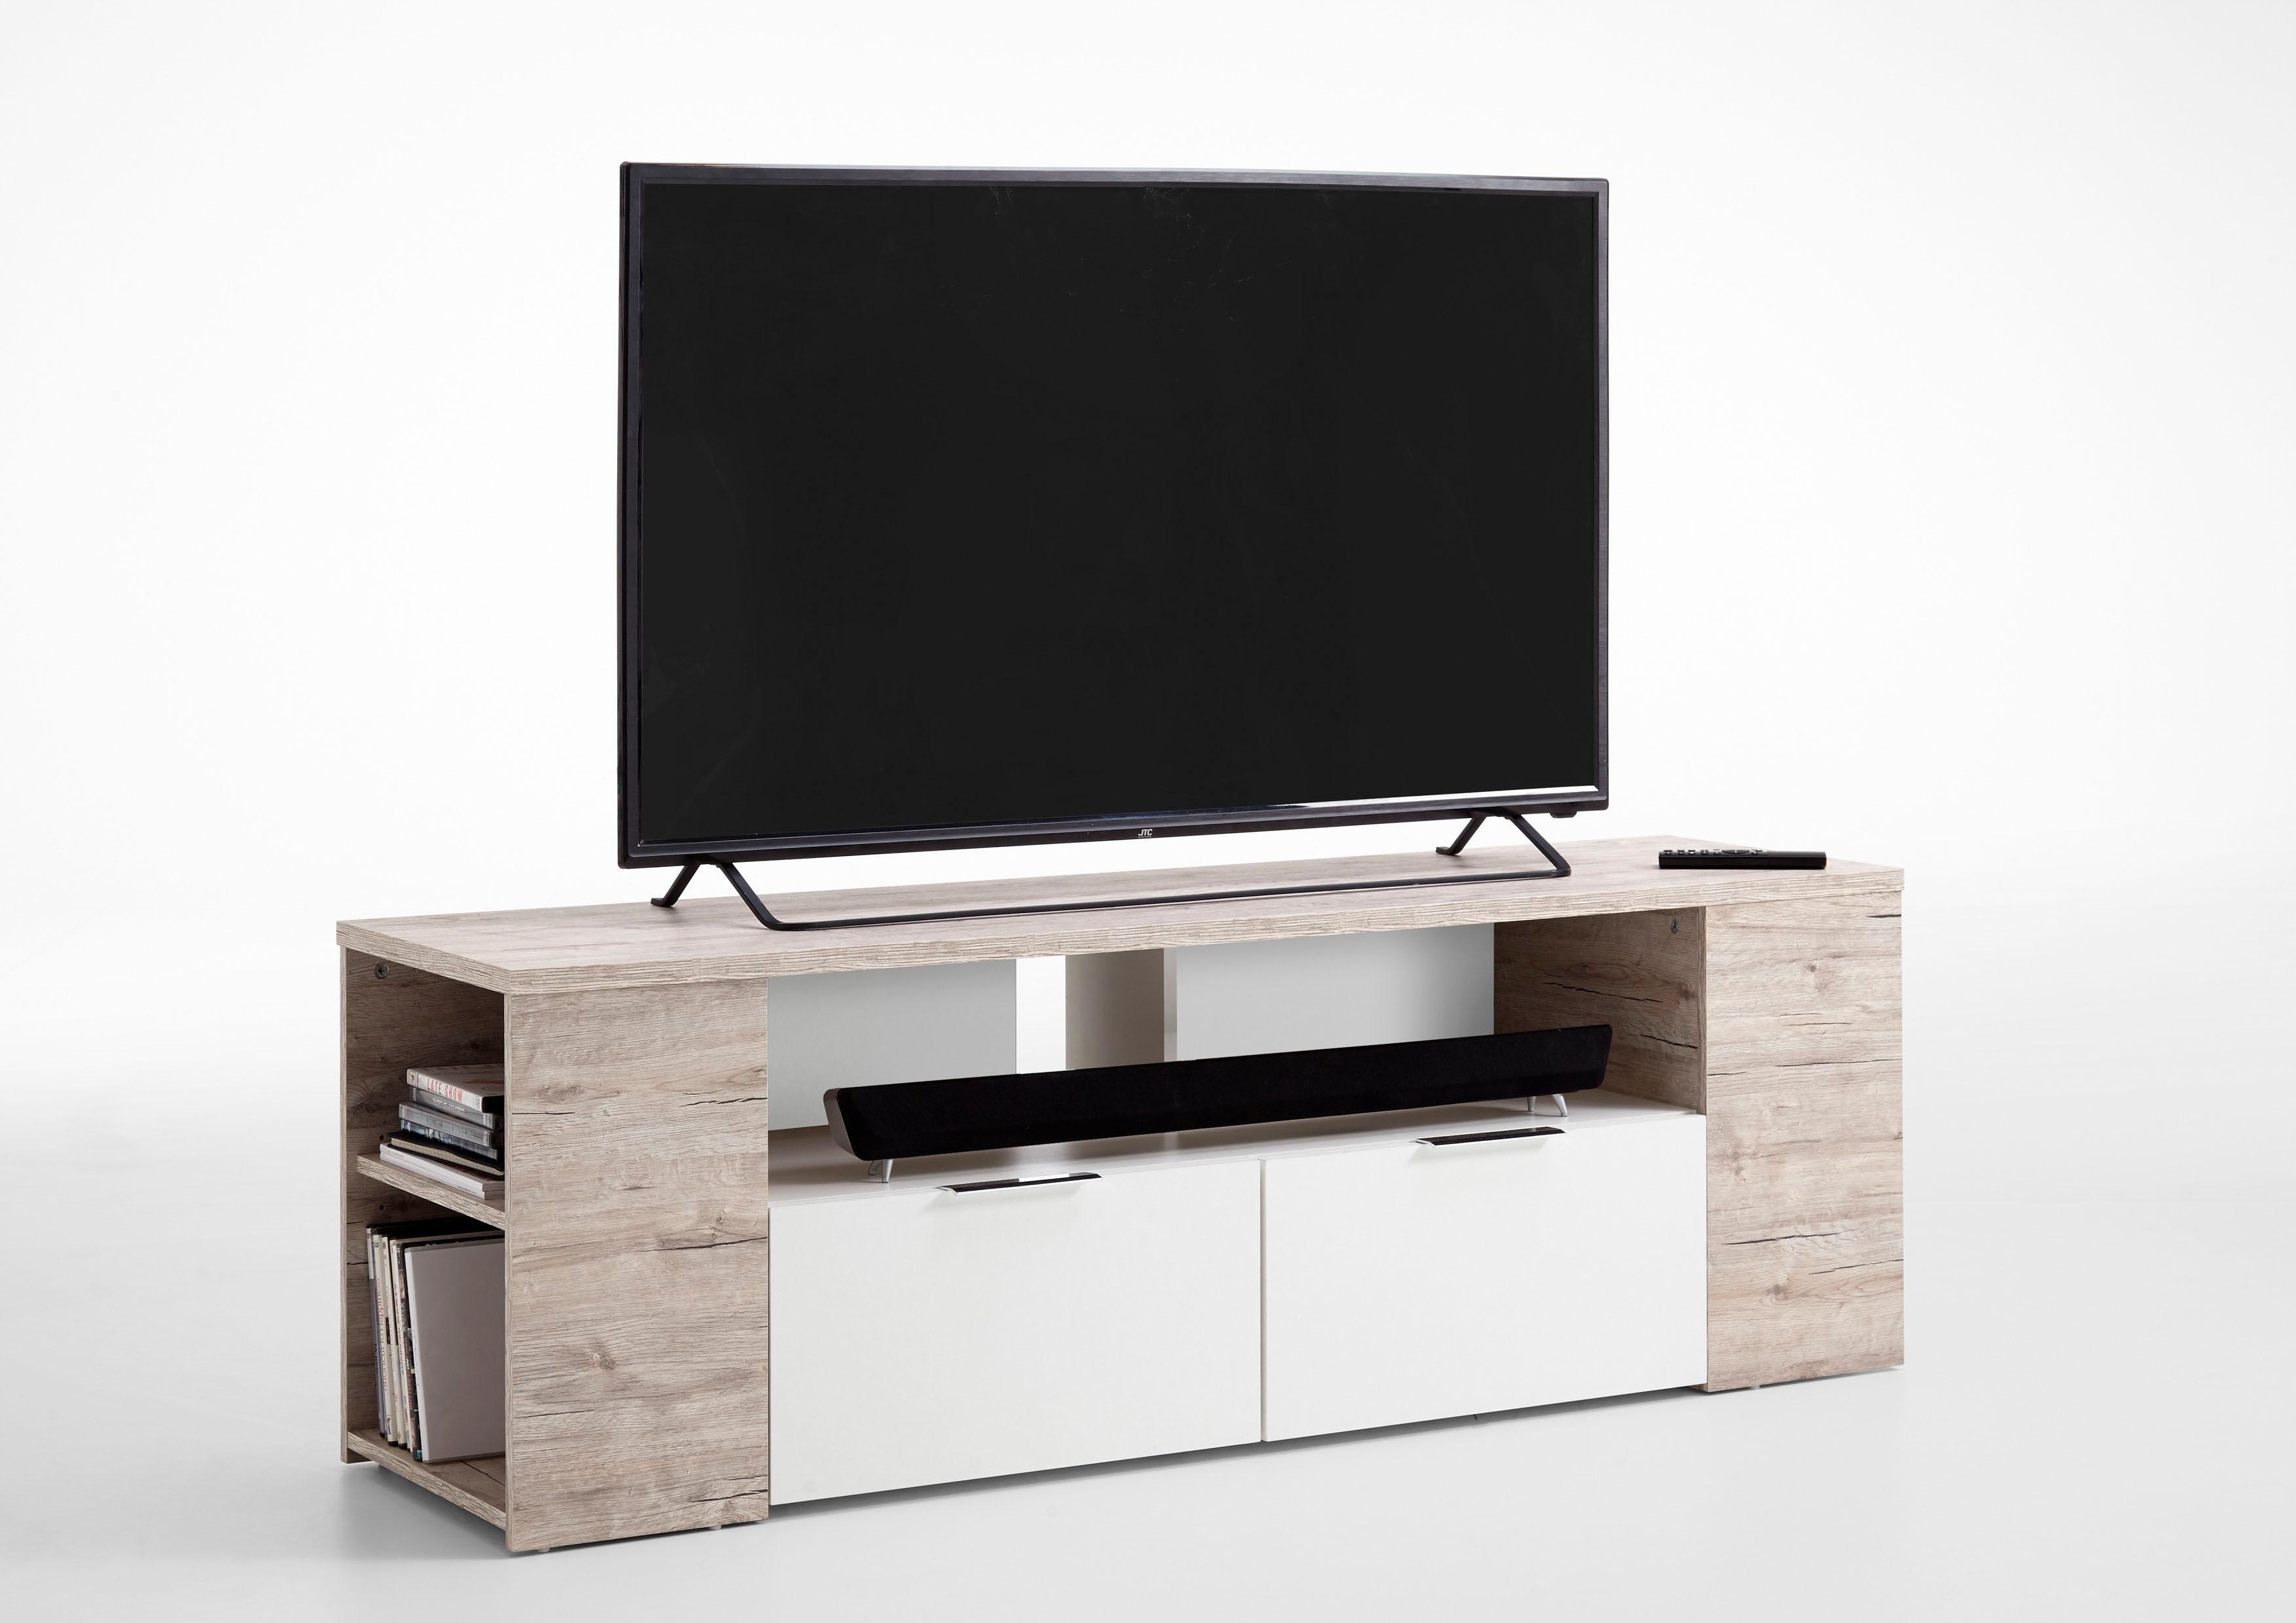 Fmd »TABOR 1« TV-meubel, breedte 150 cm voordelig en veilig online kopen